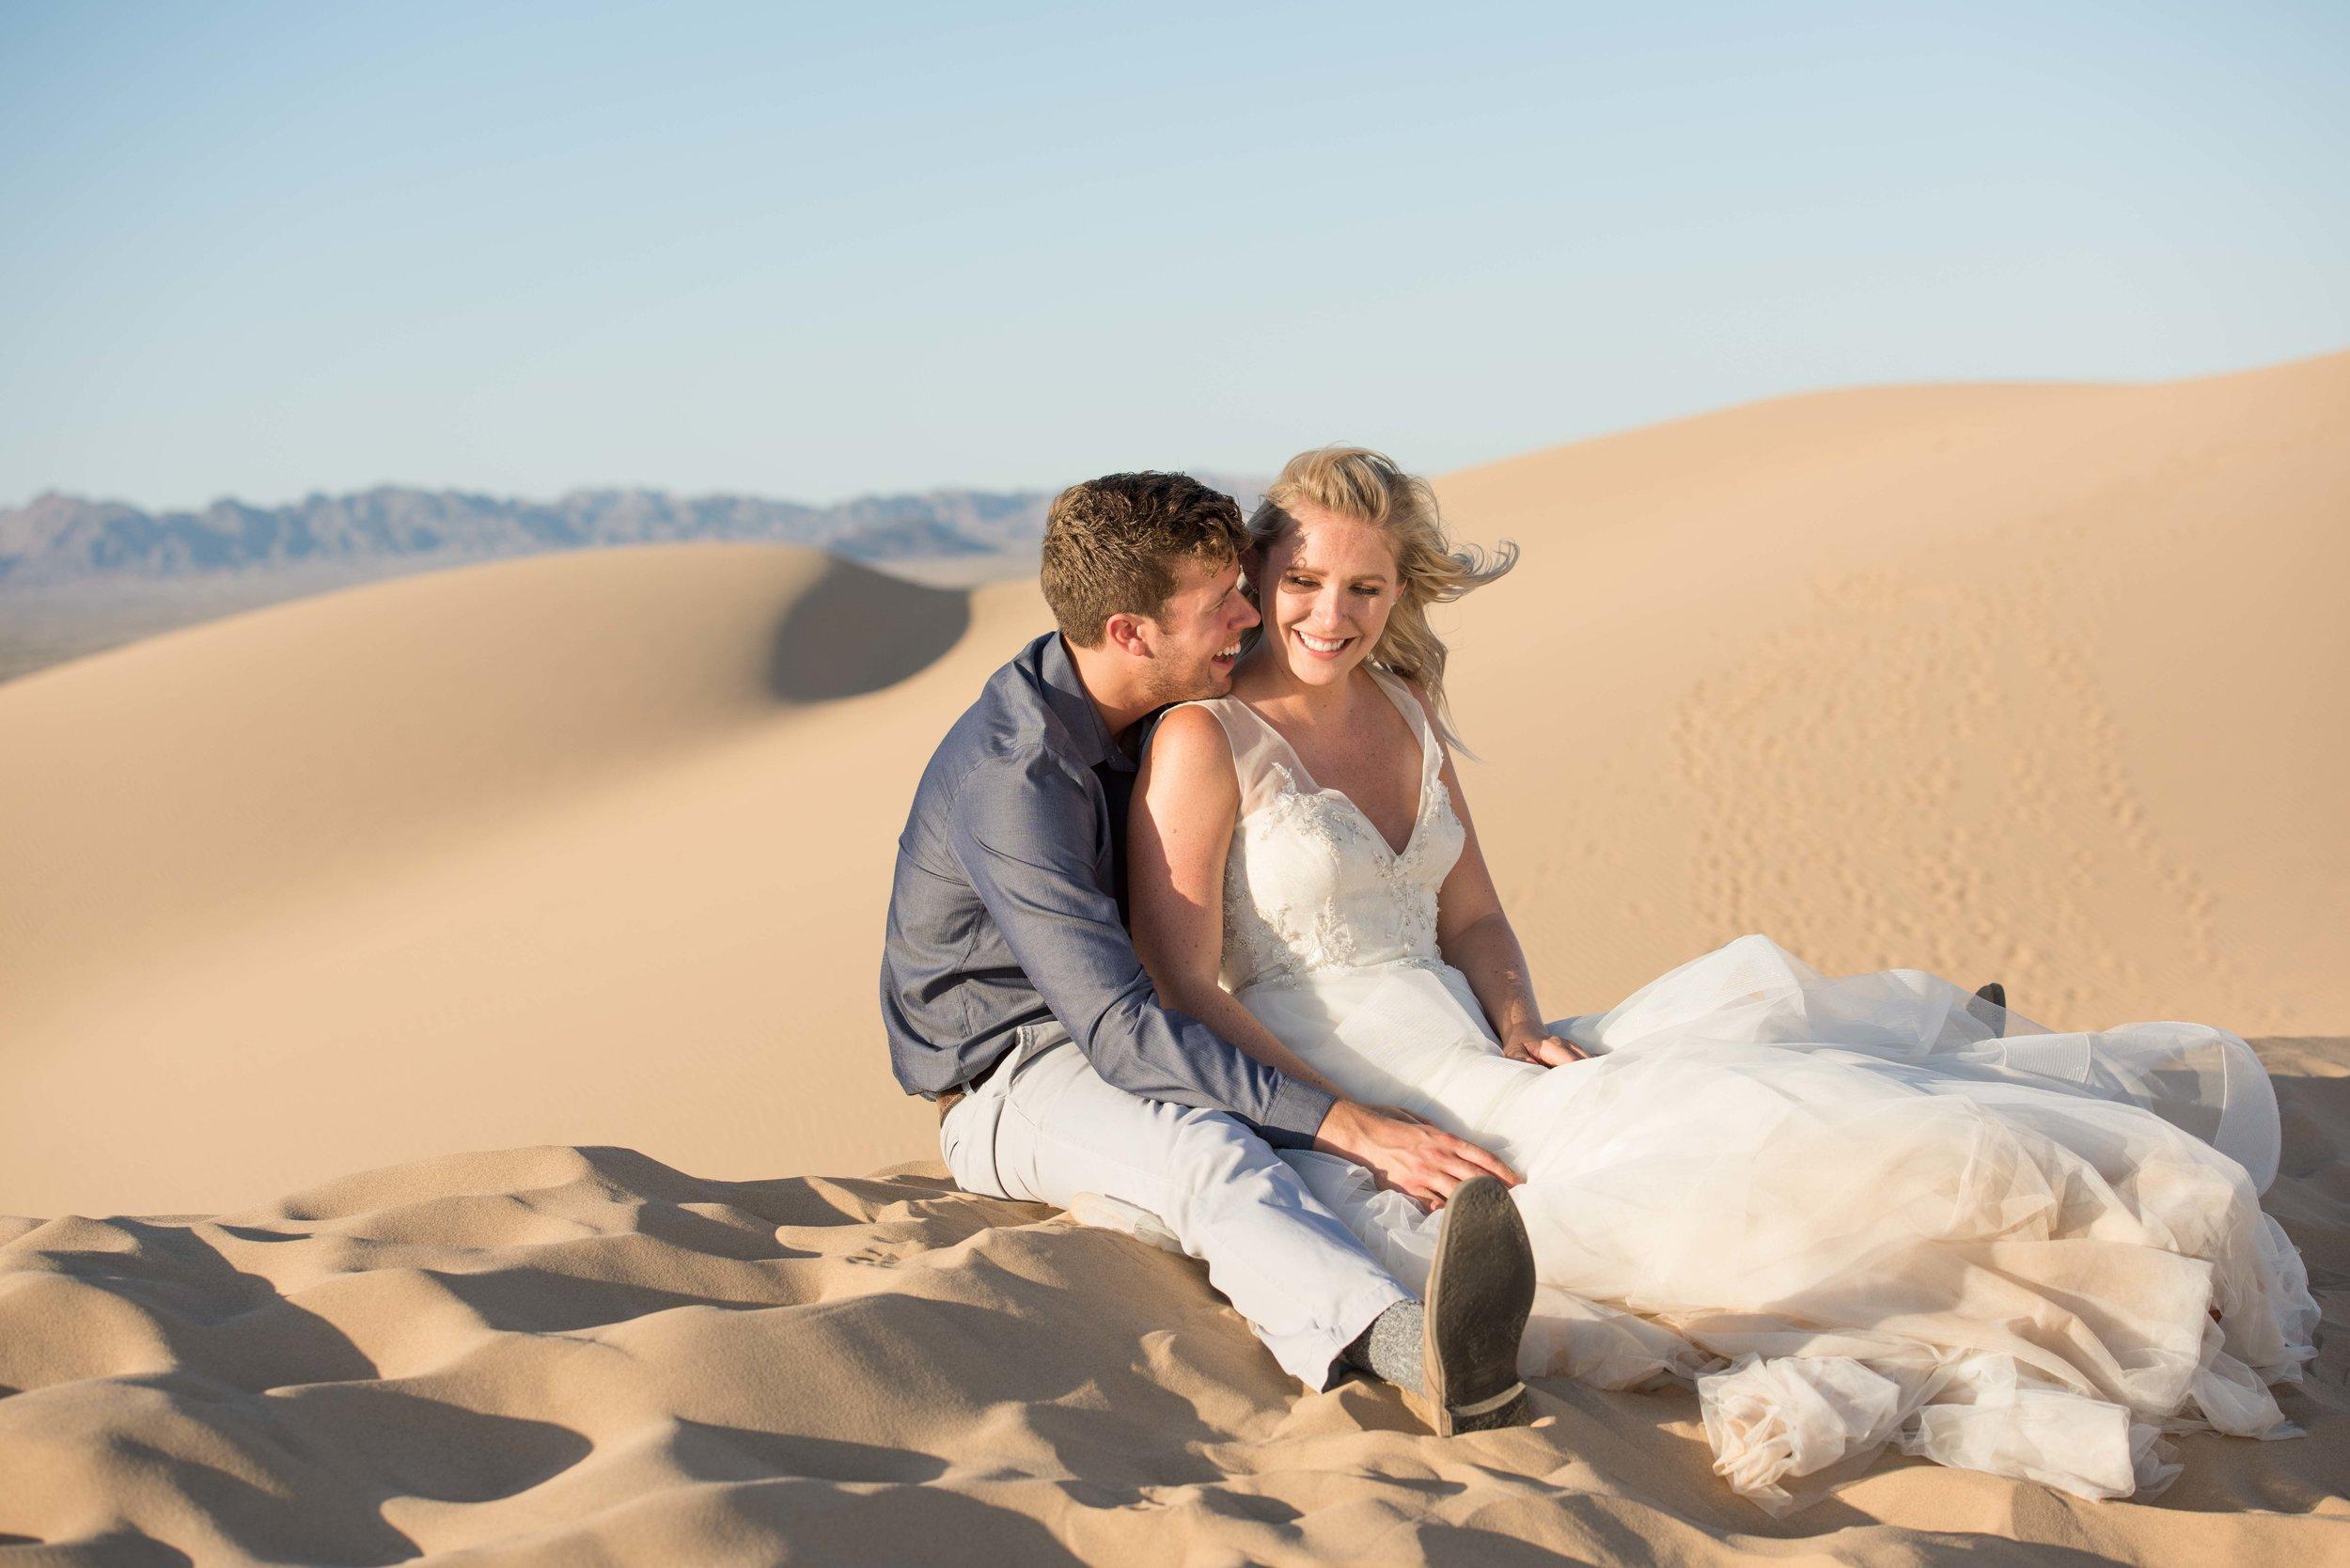 dunes.06.01.18.25.jpg